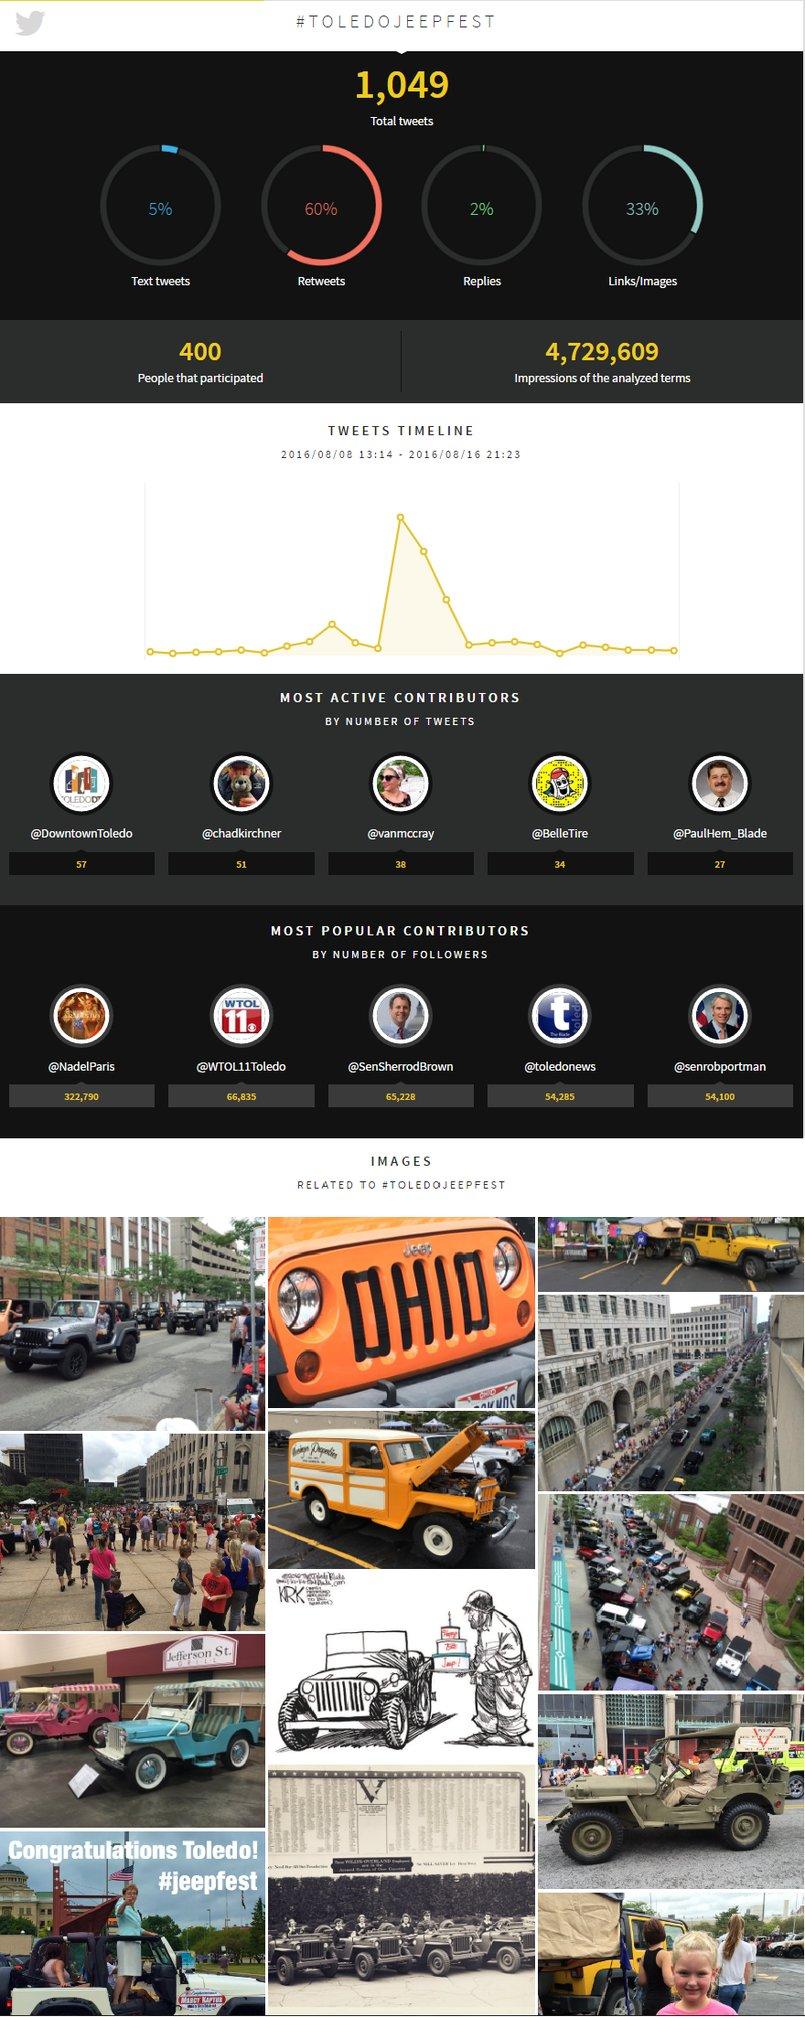 Toledo Jeep Fest Infographic